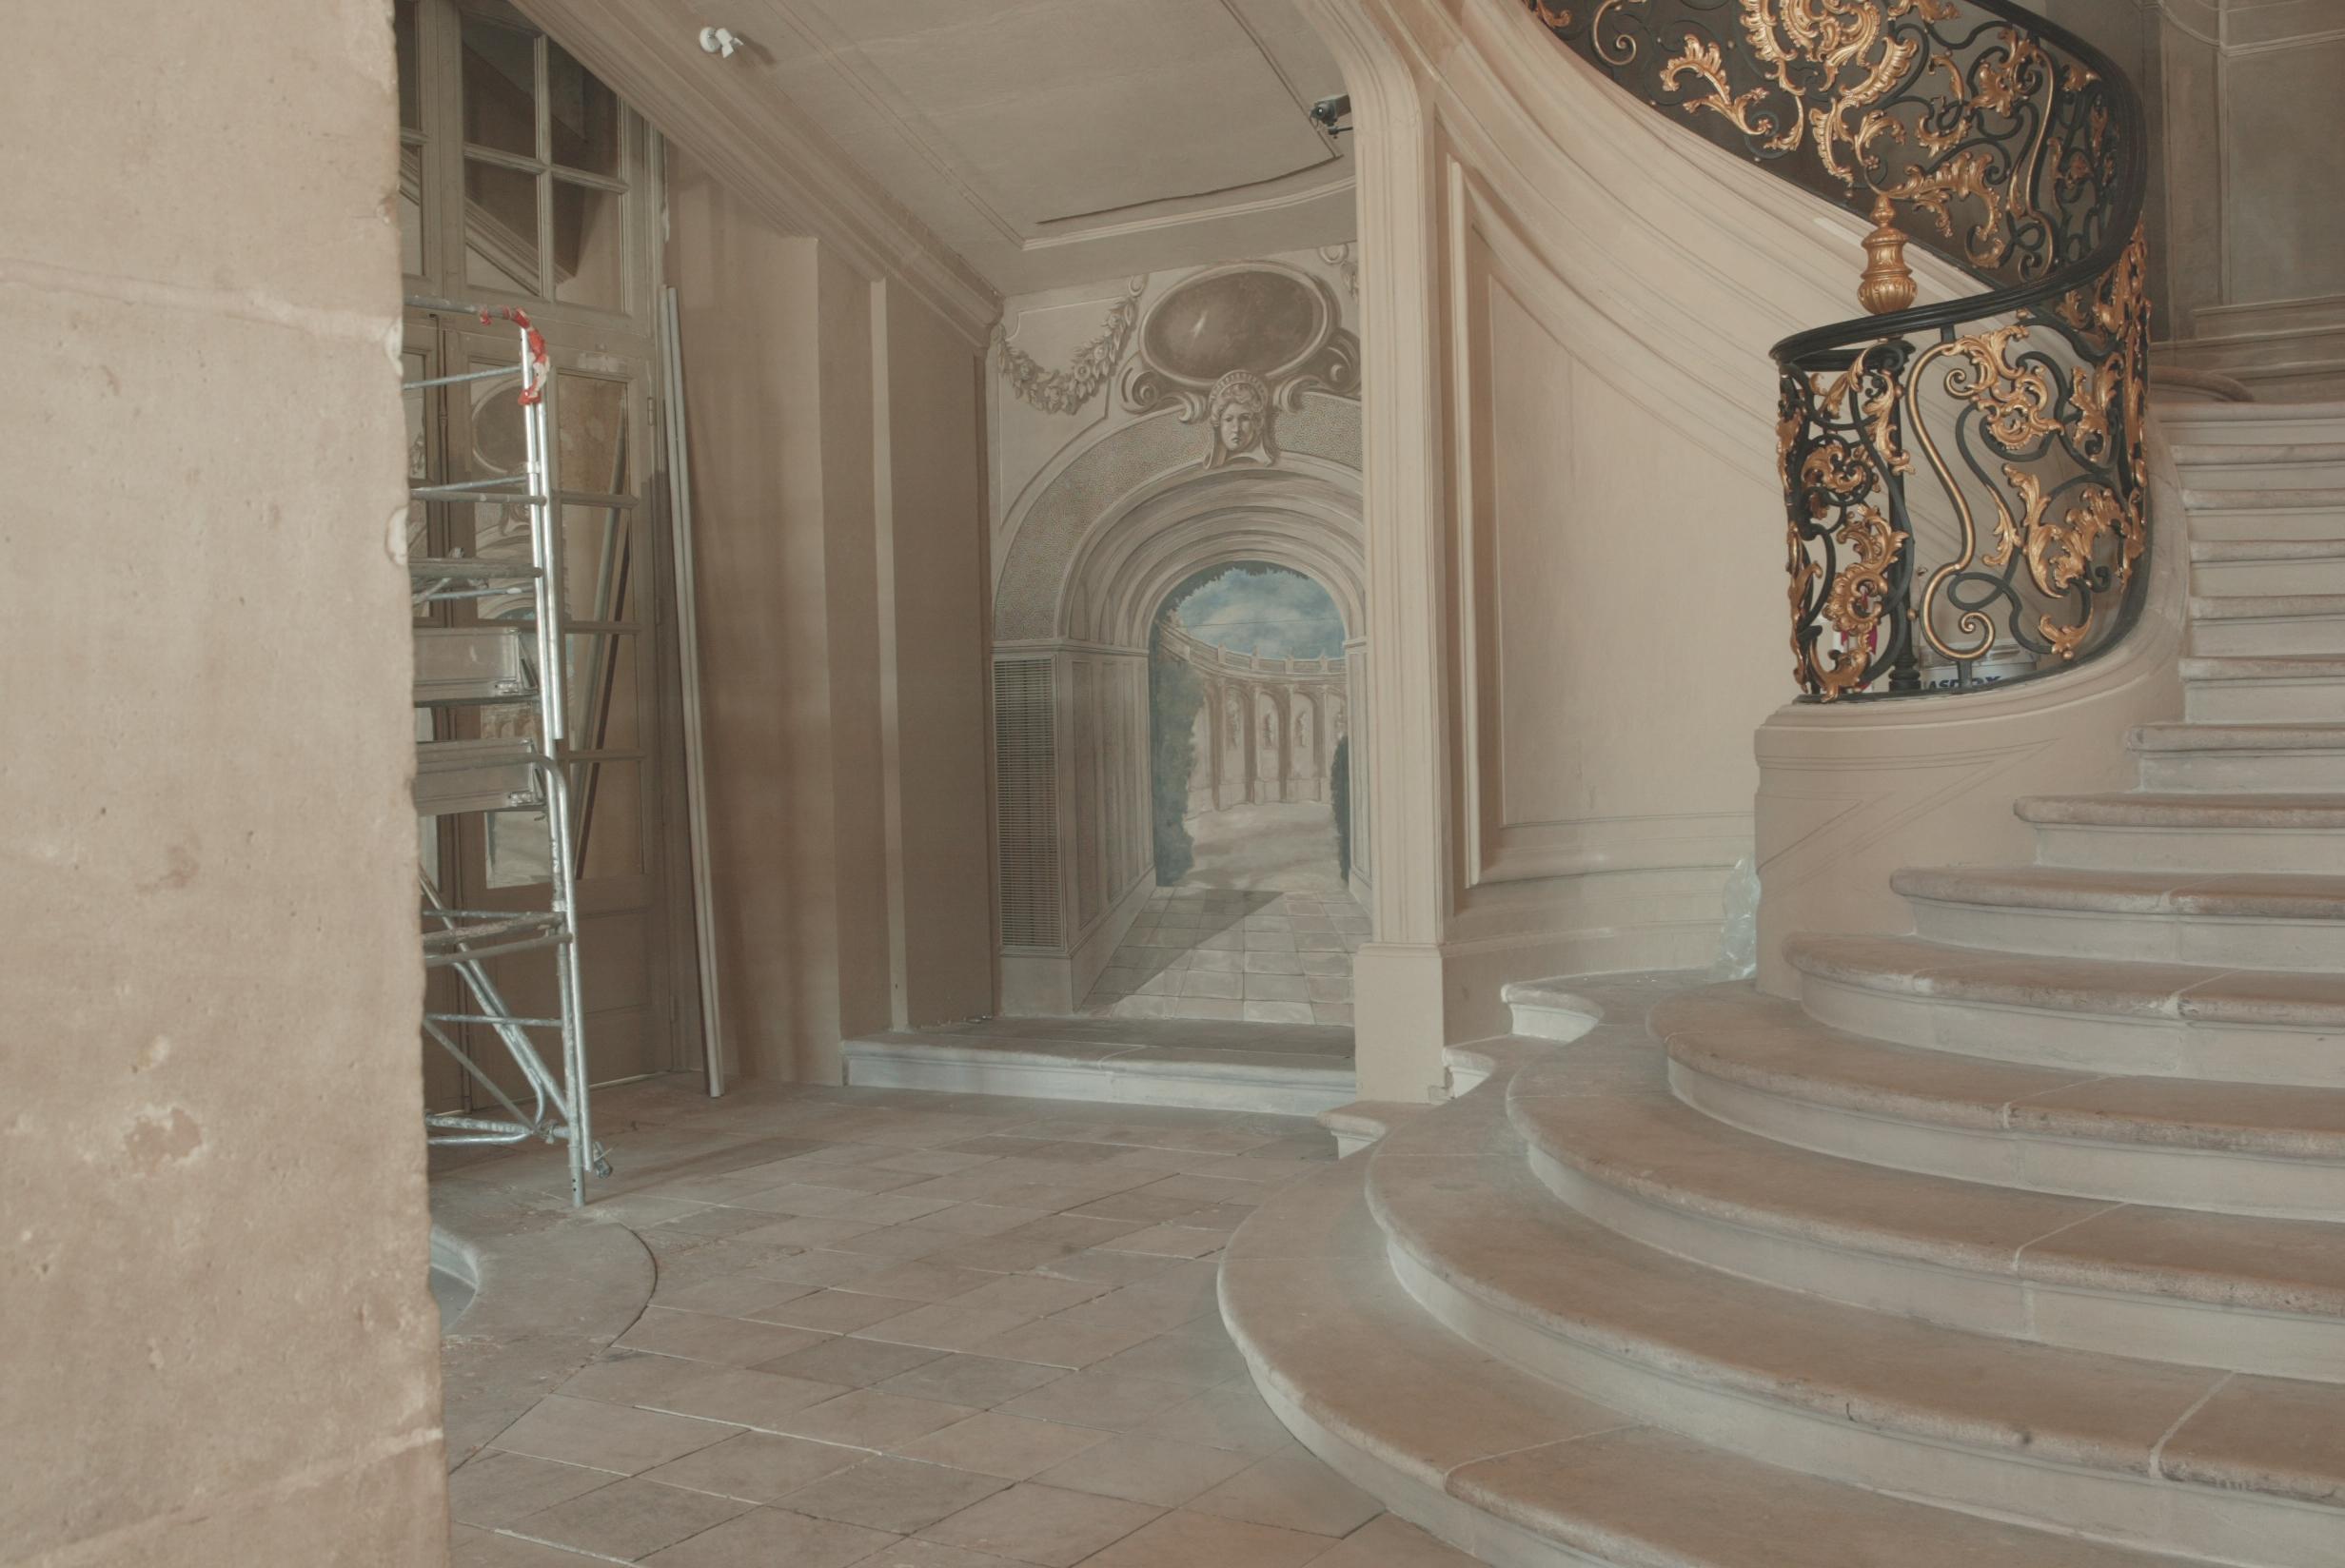 restaurateur de peinture murale restitution d 39 un d cor monumental h tel de ville de nancy. Black Bedroom Furniture Sets. Home Design Ideas